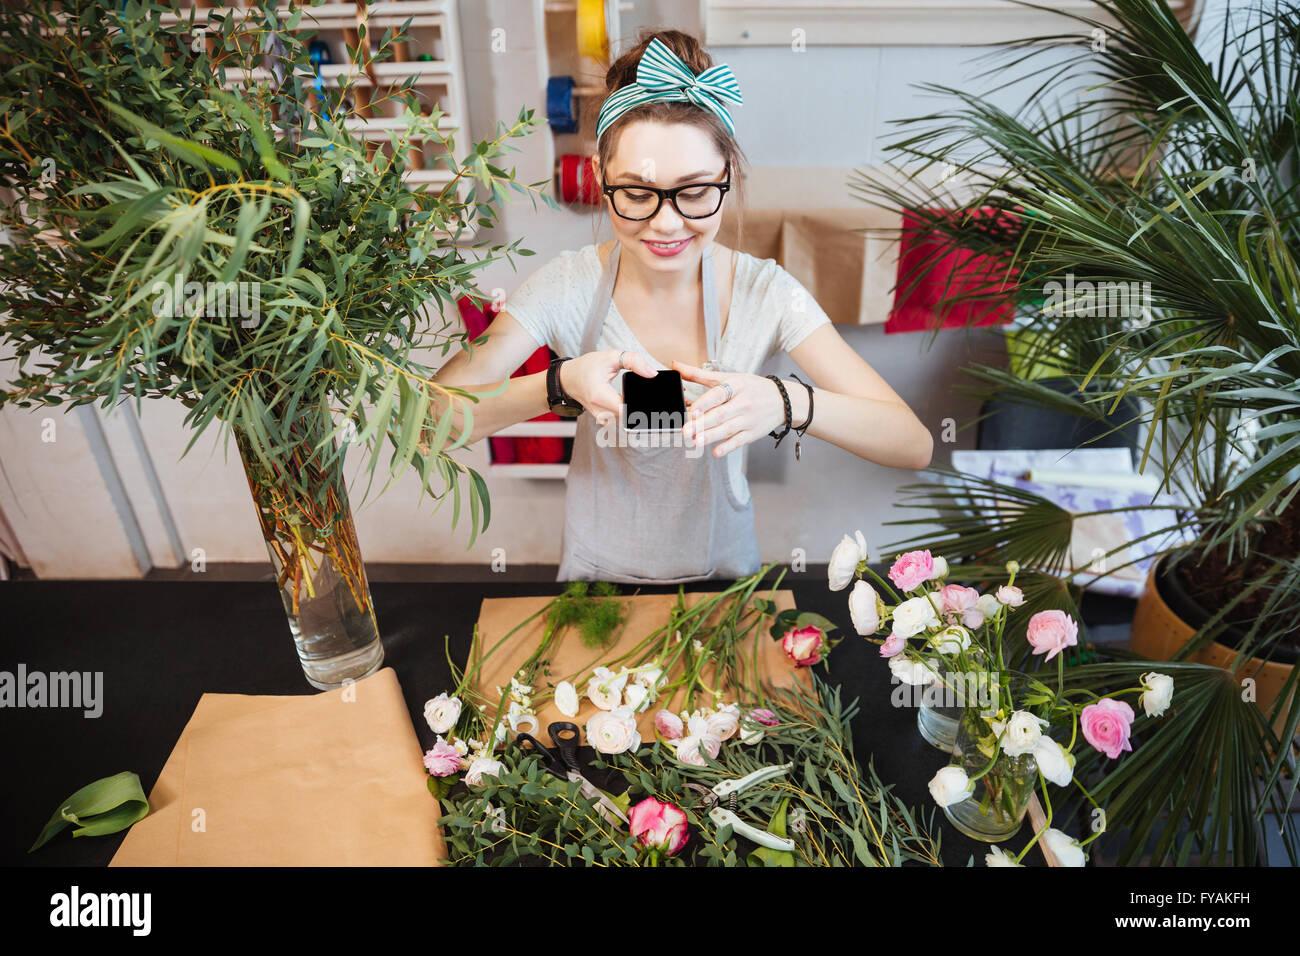 Belle jeune femme heureuse de prendre des photos de fleurs sur table dans la boutique Photo Stock